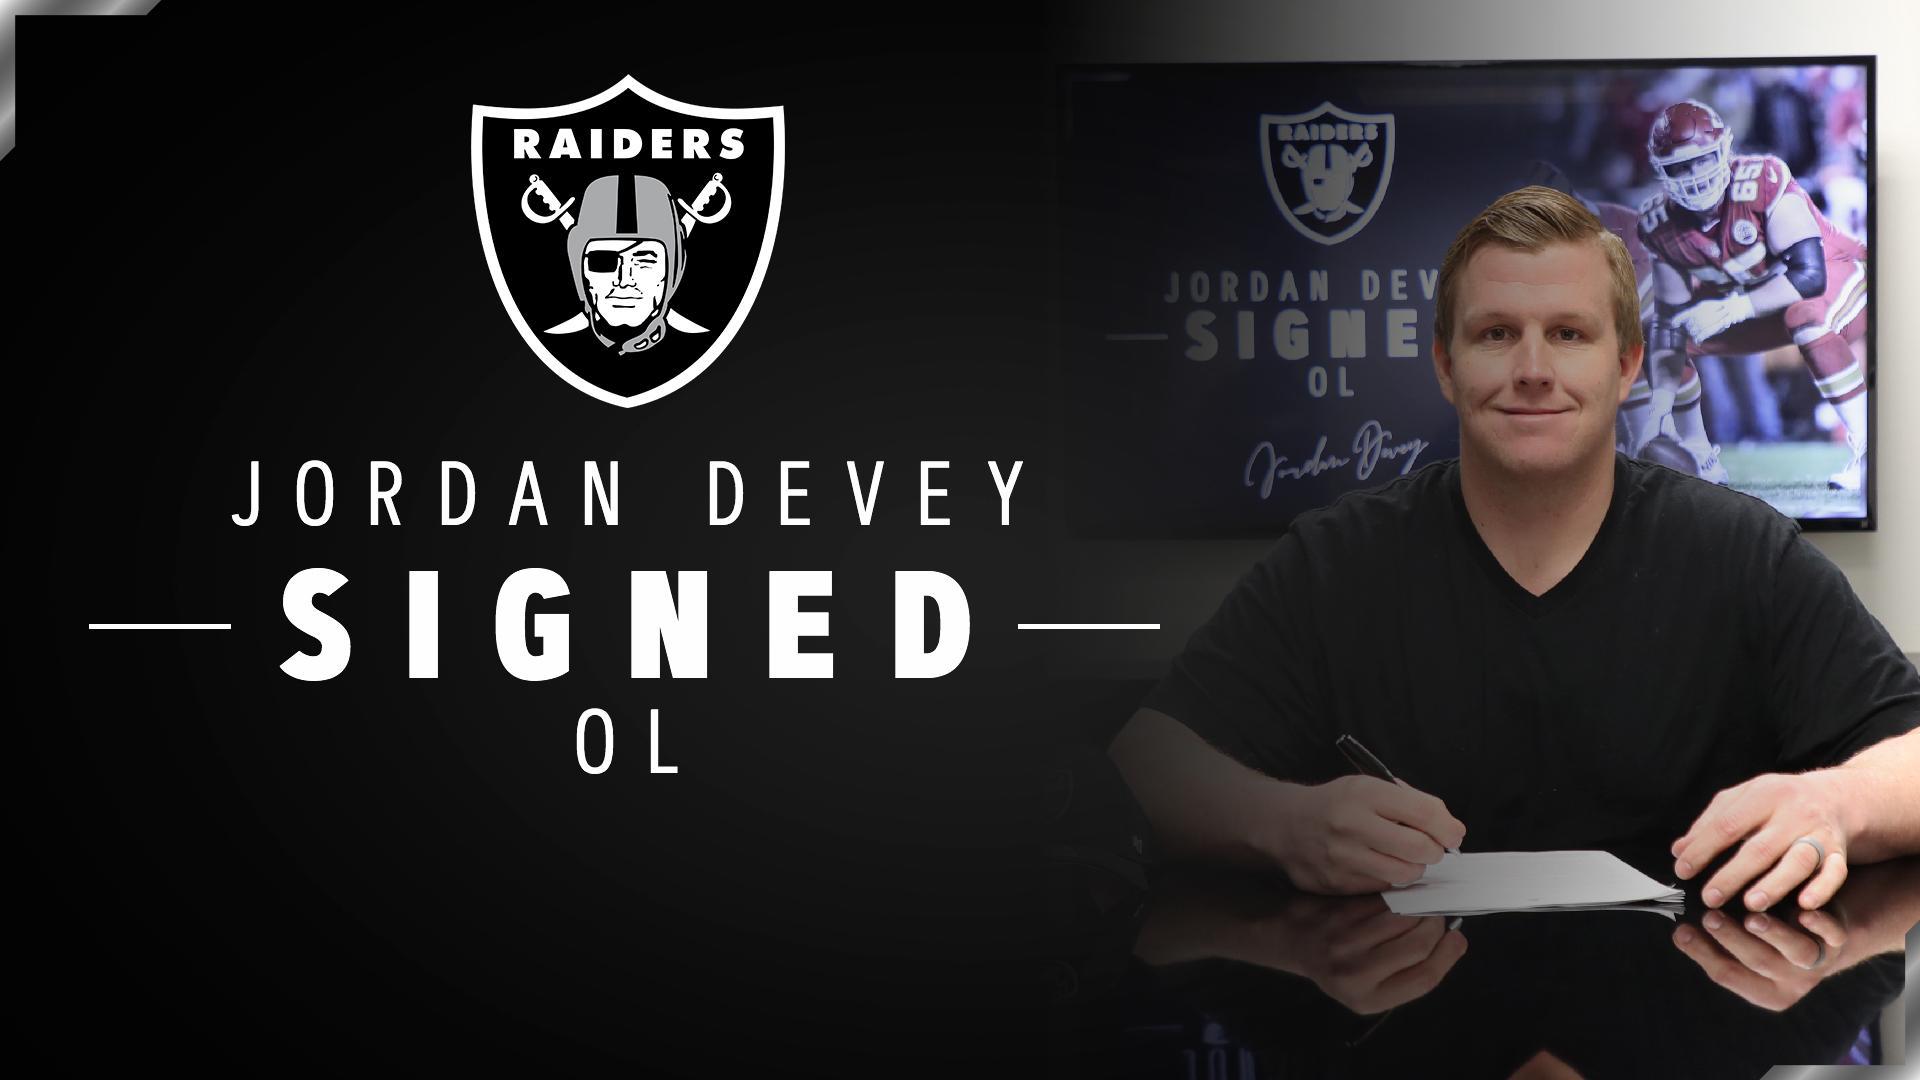 We have signed OL Jordan Devey: https://t.co/5u4vnE5OgN #RaiderNation https://t.co/zEdKAJtIiL